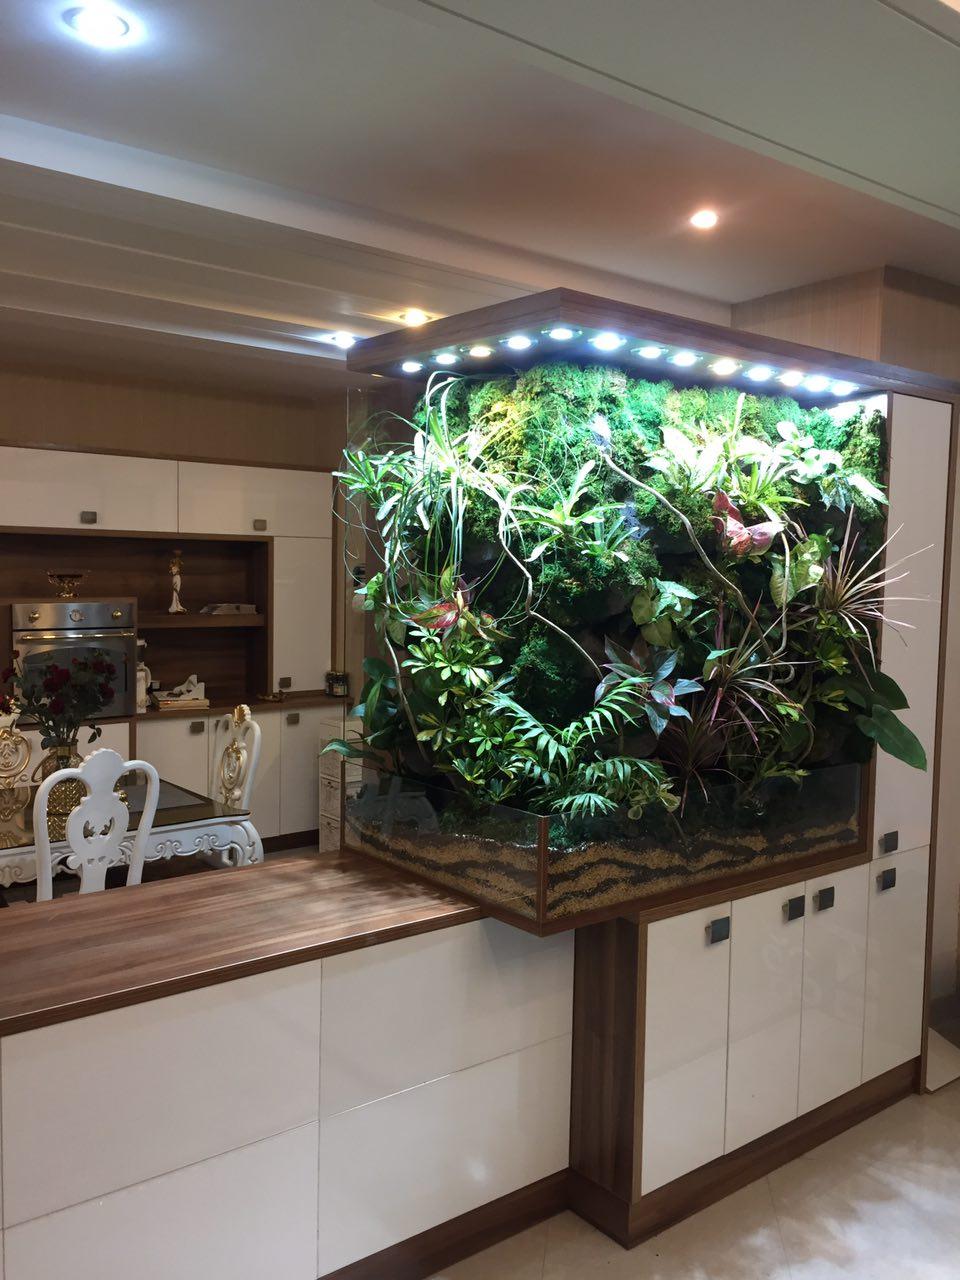 تراریوم باغ شیشه ای پالوداریوم